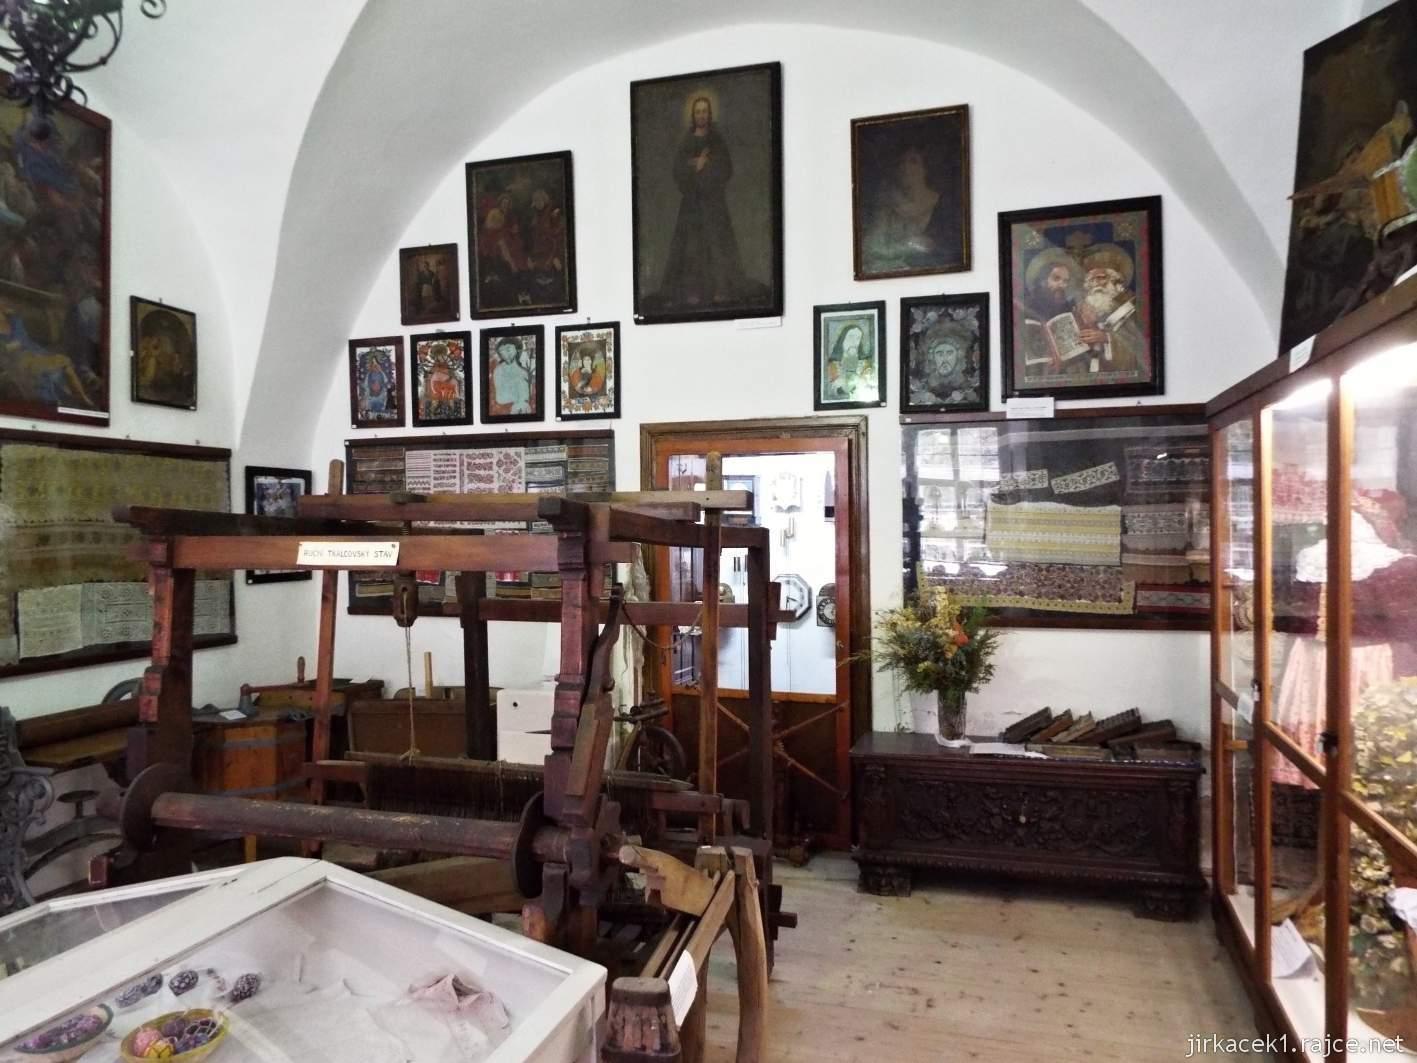 Zámek Ždánice - Vrbasovo muzeum - expozice řemesel a lidových krojů